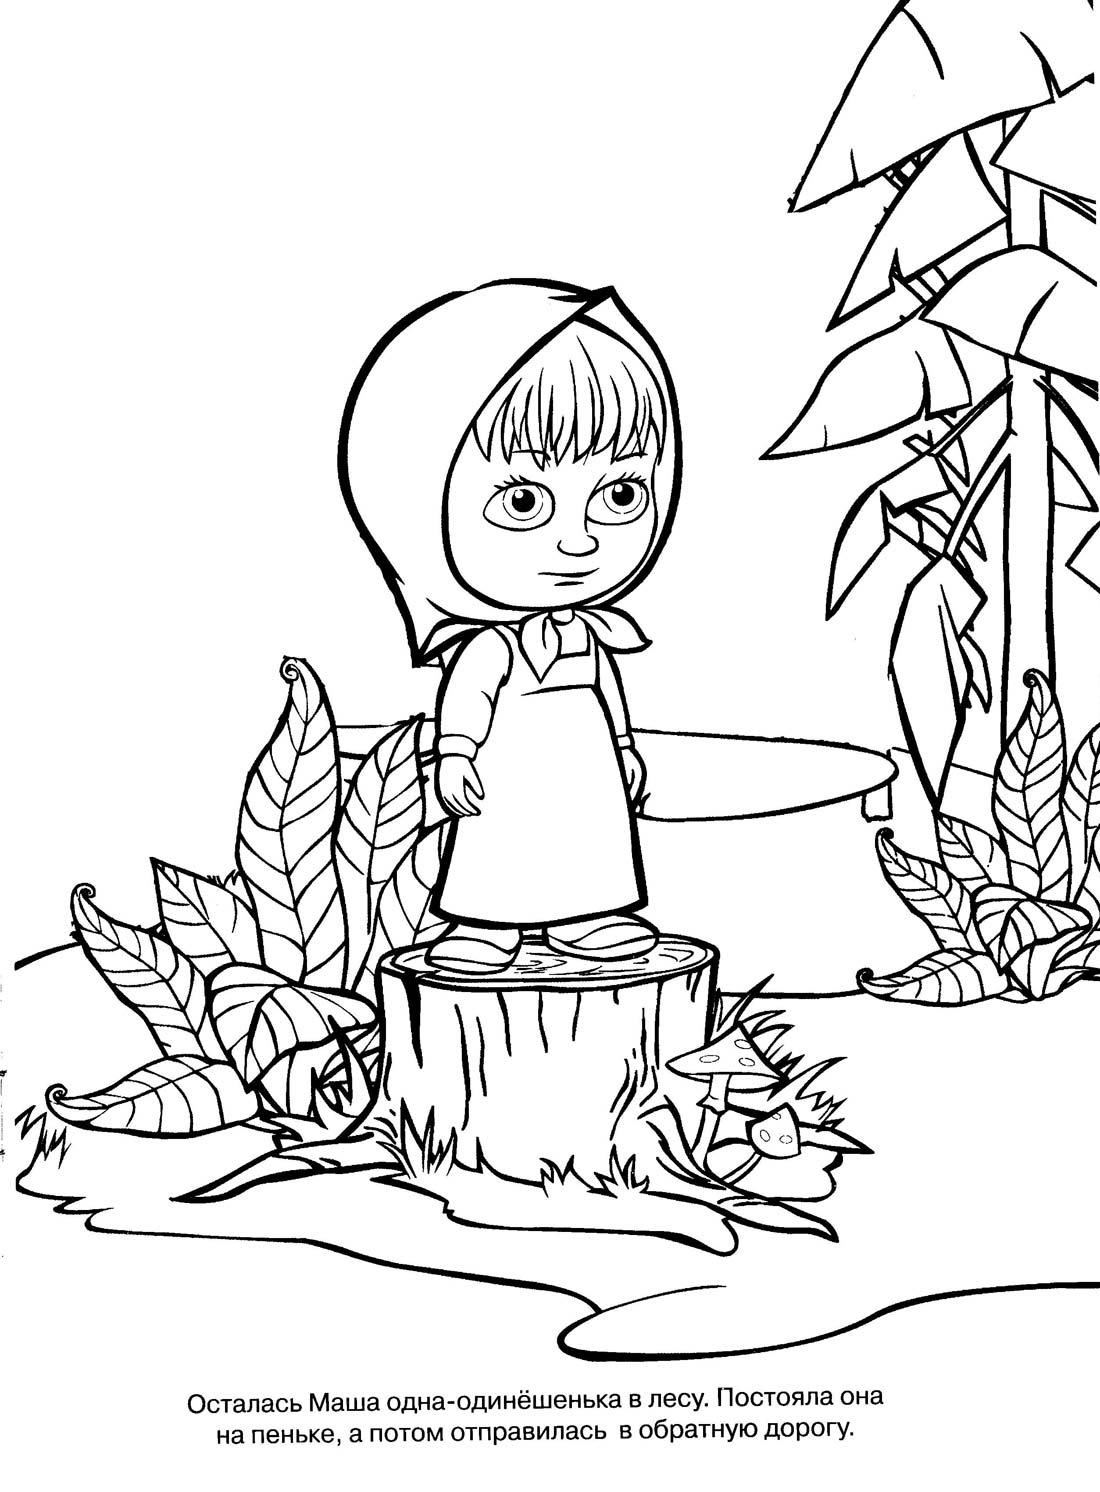 Раскрась мультфильм Маша и Медведь